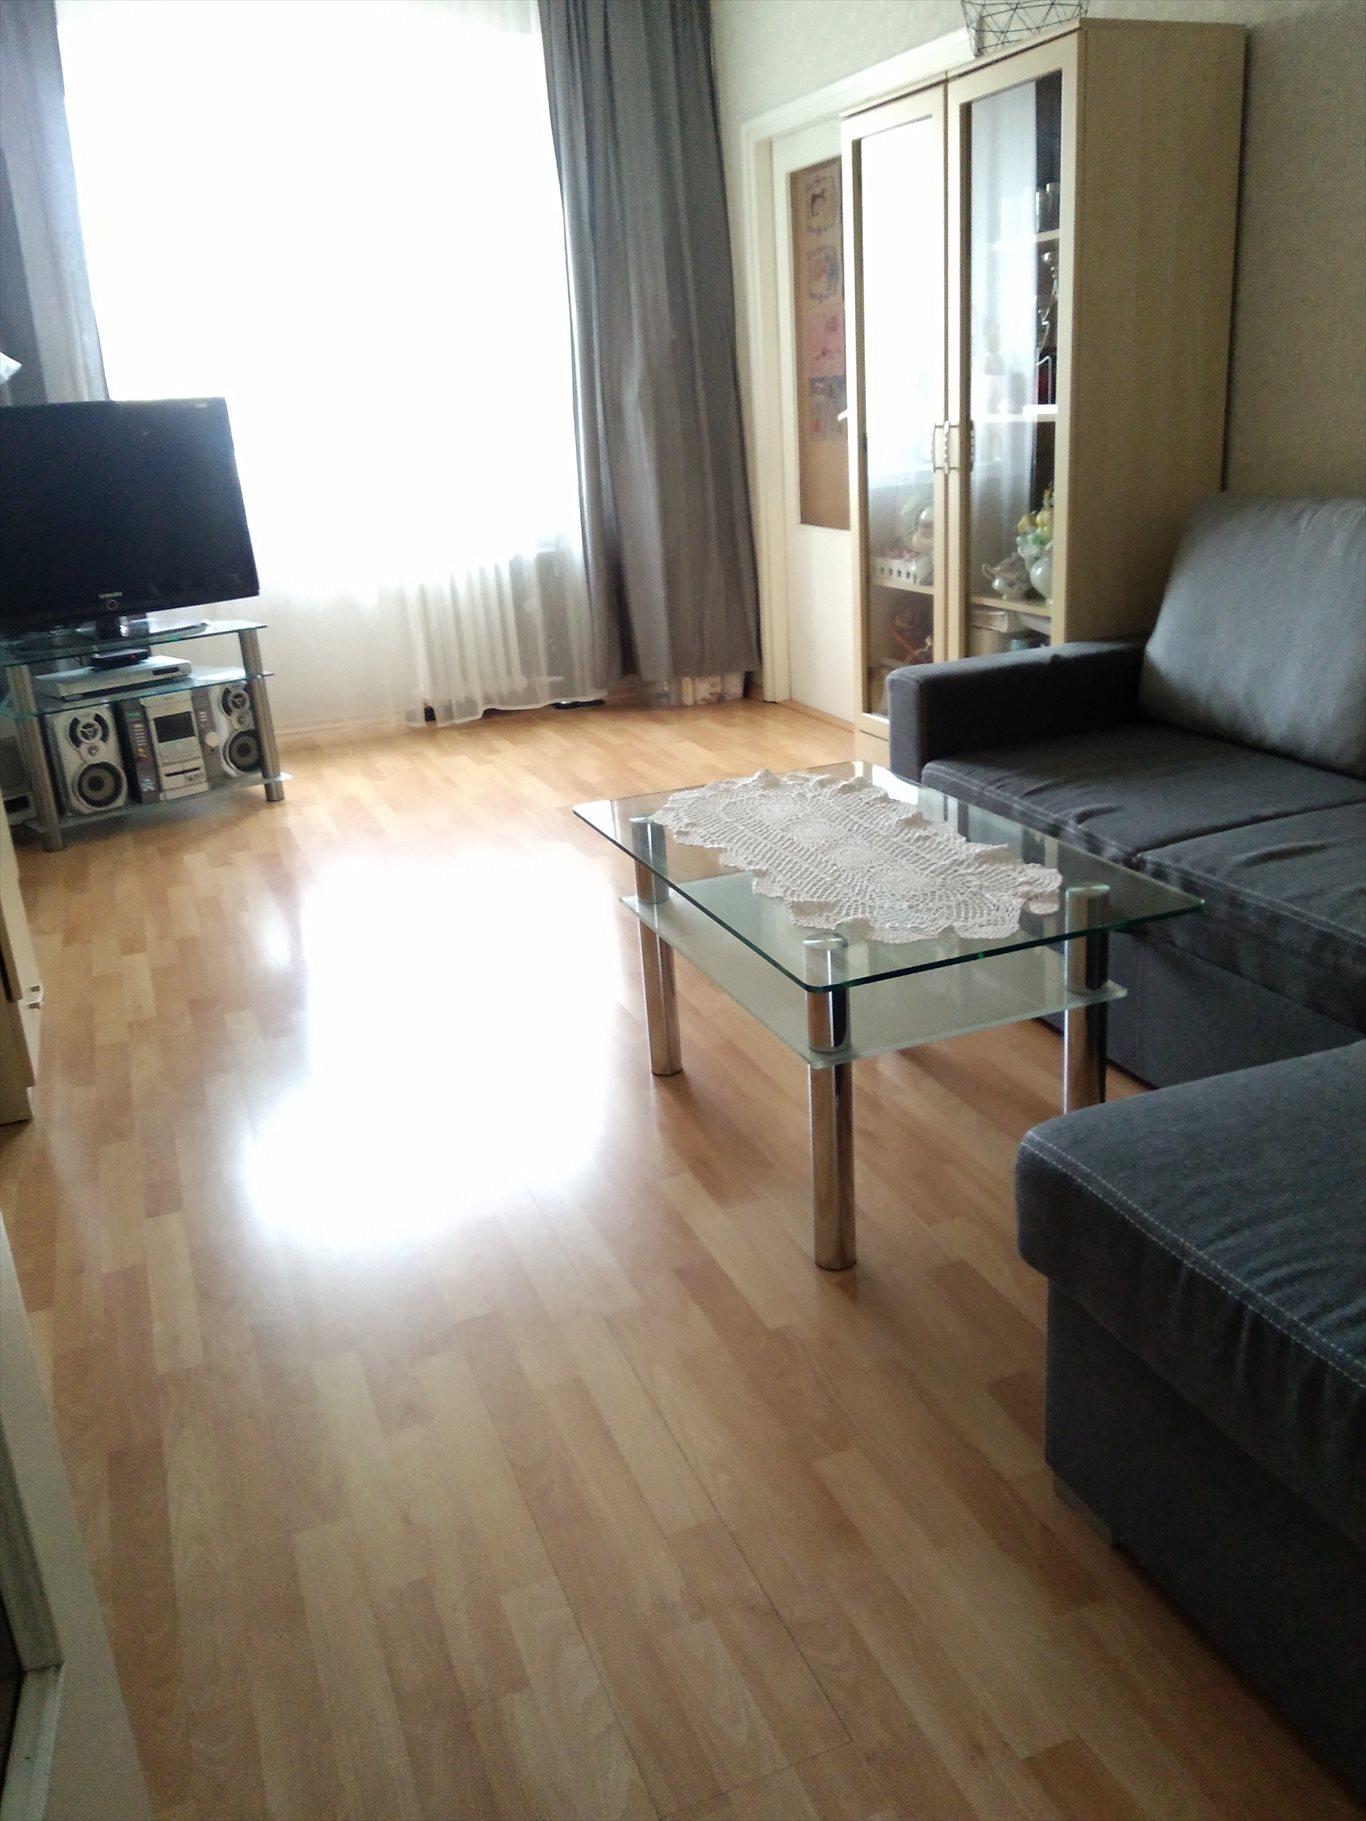 Mieszkanie dwupokojowe na sprzedaż Kraków, Nowa Huta, osiedle Urocze  52m2 Foto 4